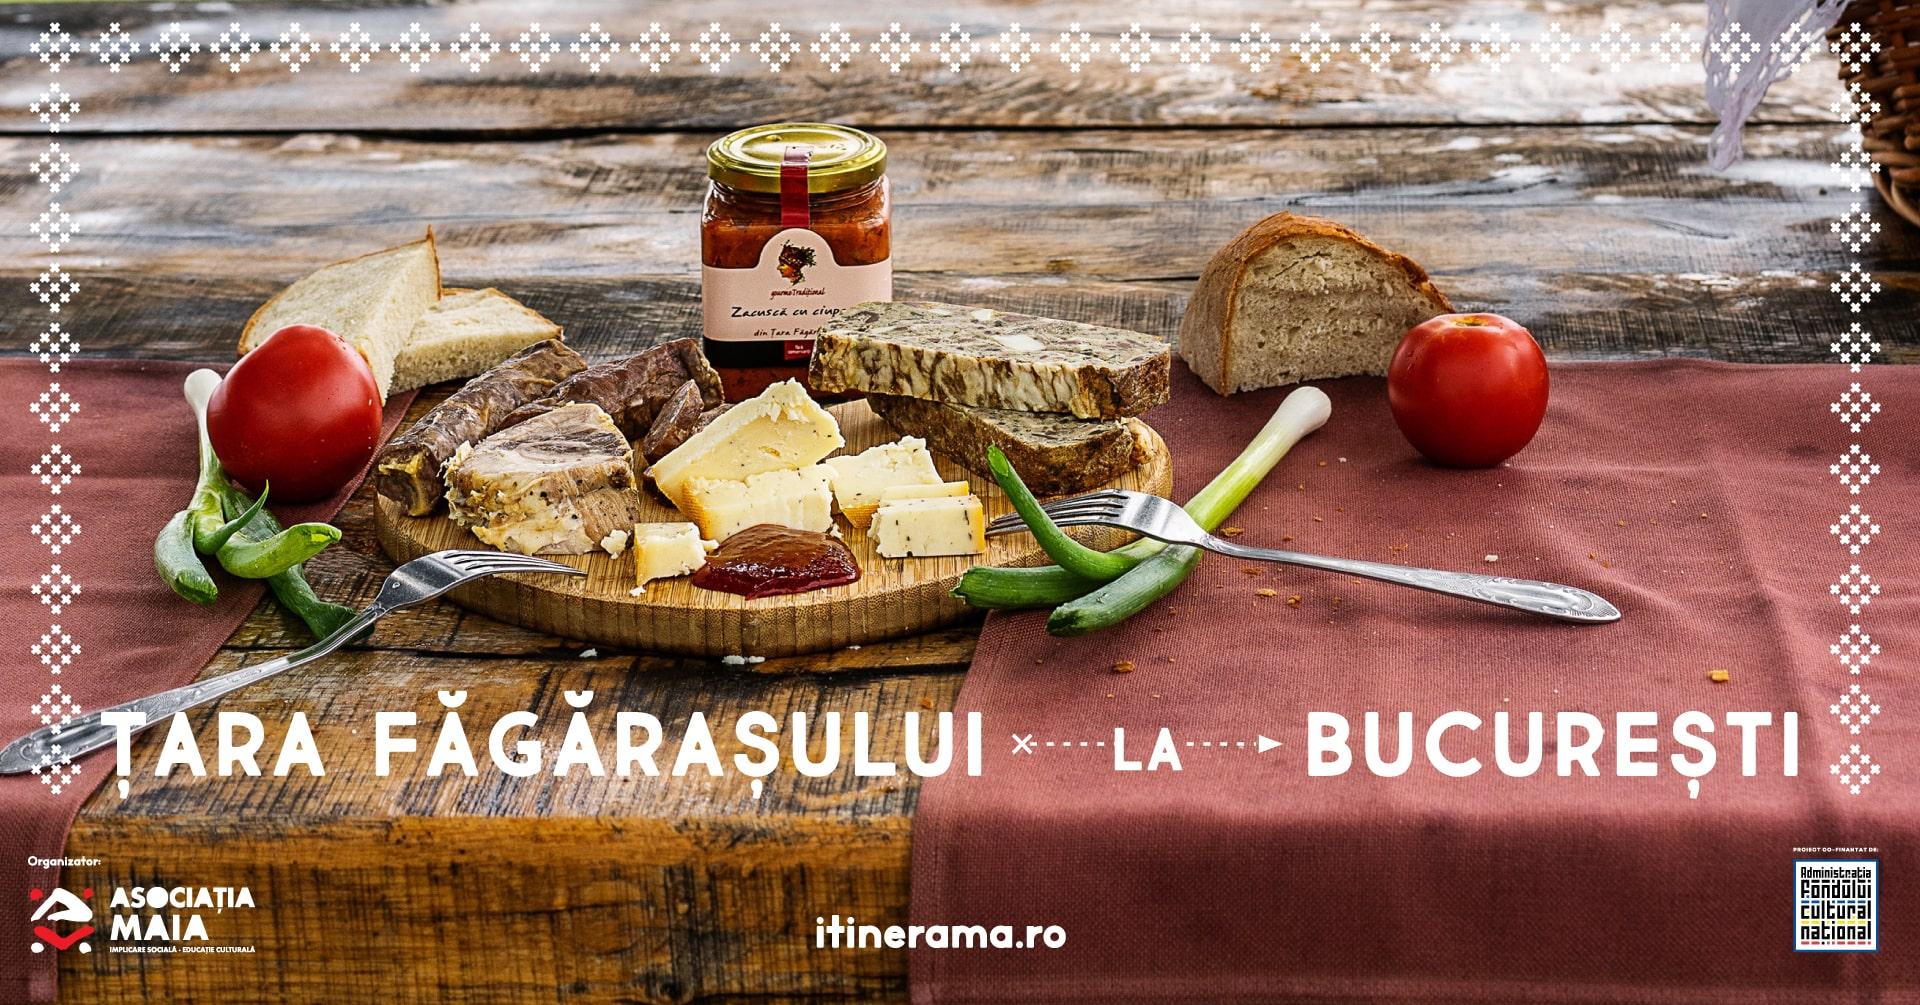 Prânz cu Itinerama: Brânzeturi locale din Țara Făgărașului